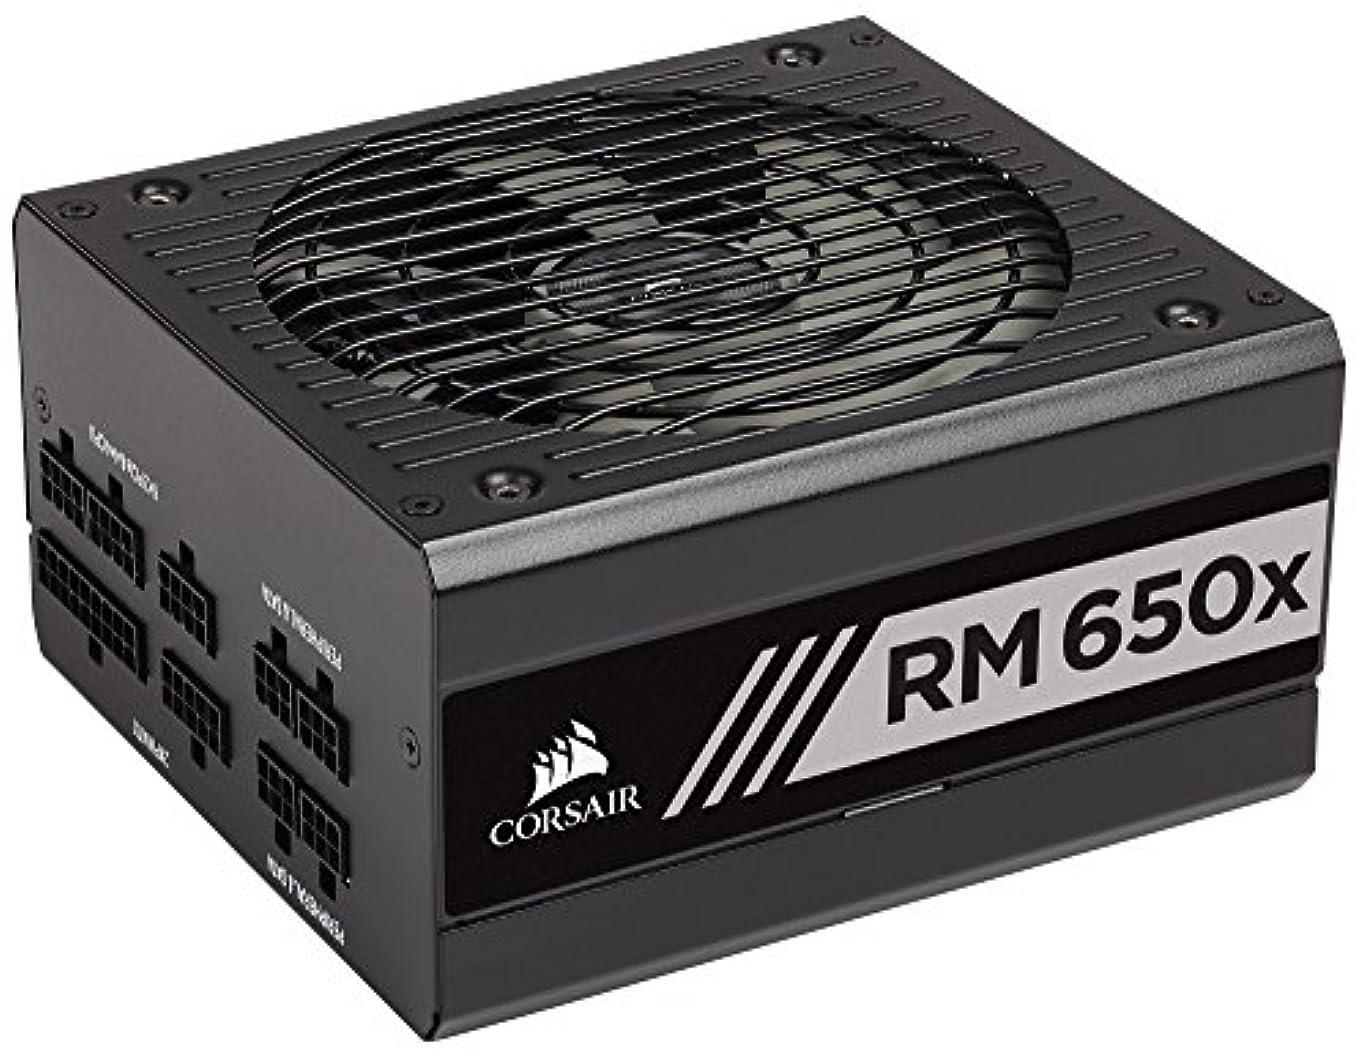 専門用語人冒険家Corsair RM650x -2018-650W PC電源ユニット [80PLUS GOLD] PS805 CP-9020178-JP